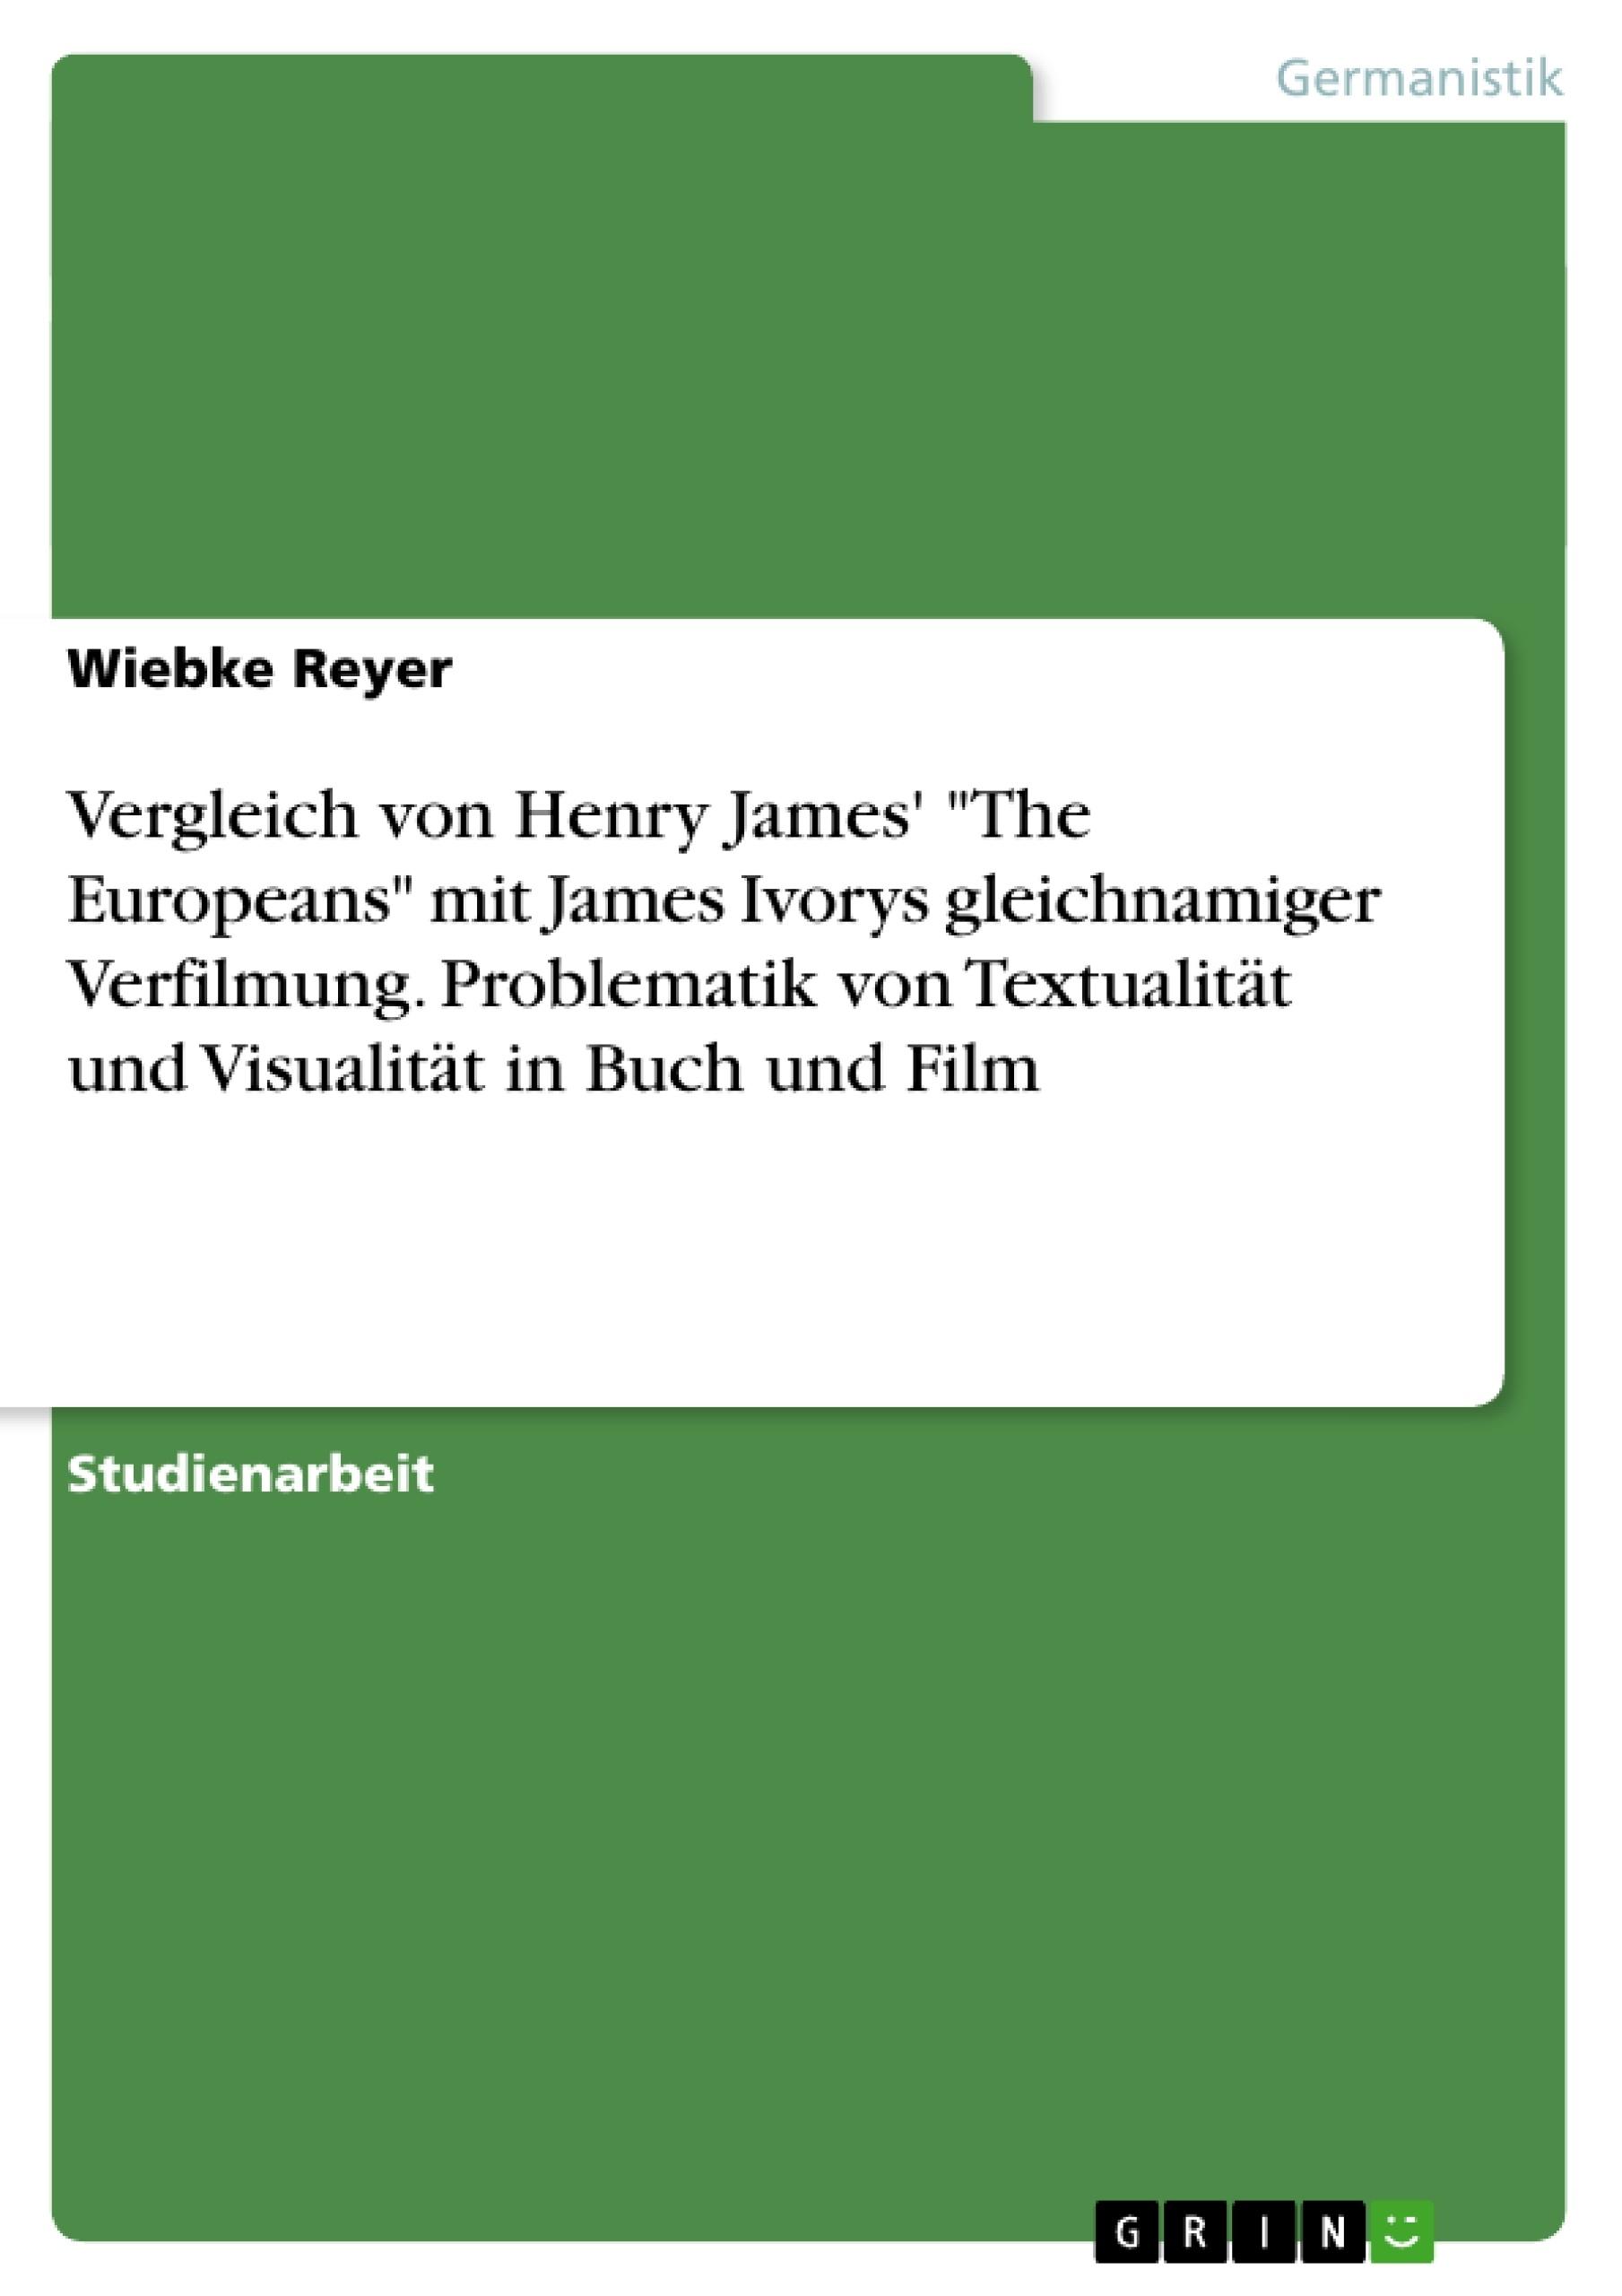 """Titel: Vergleich von Henry James' """"The Europeans"""" mit James Ivorys gleichnamiger Verfilmung. Problematik von Textualität und Visualität in Buch und Film"""